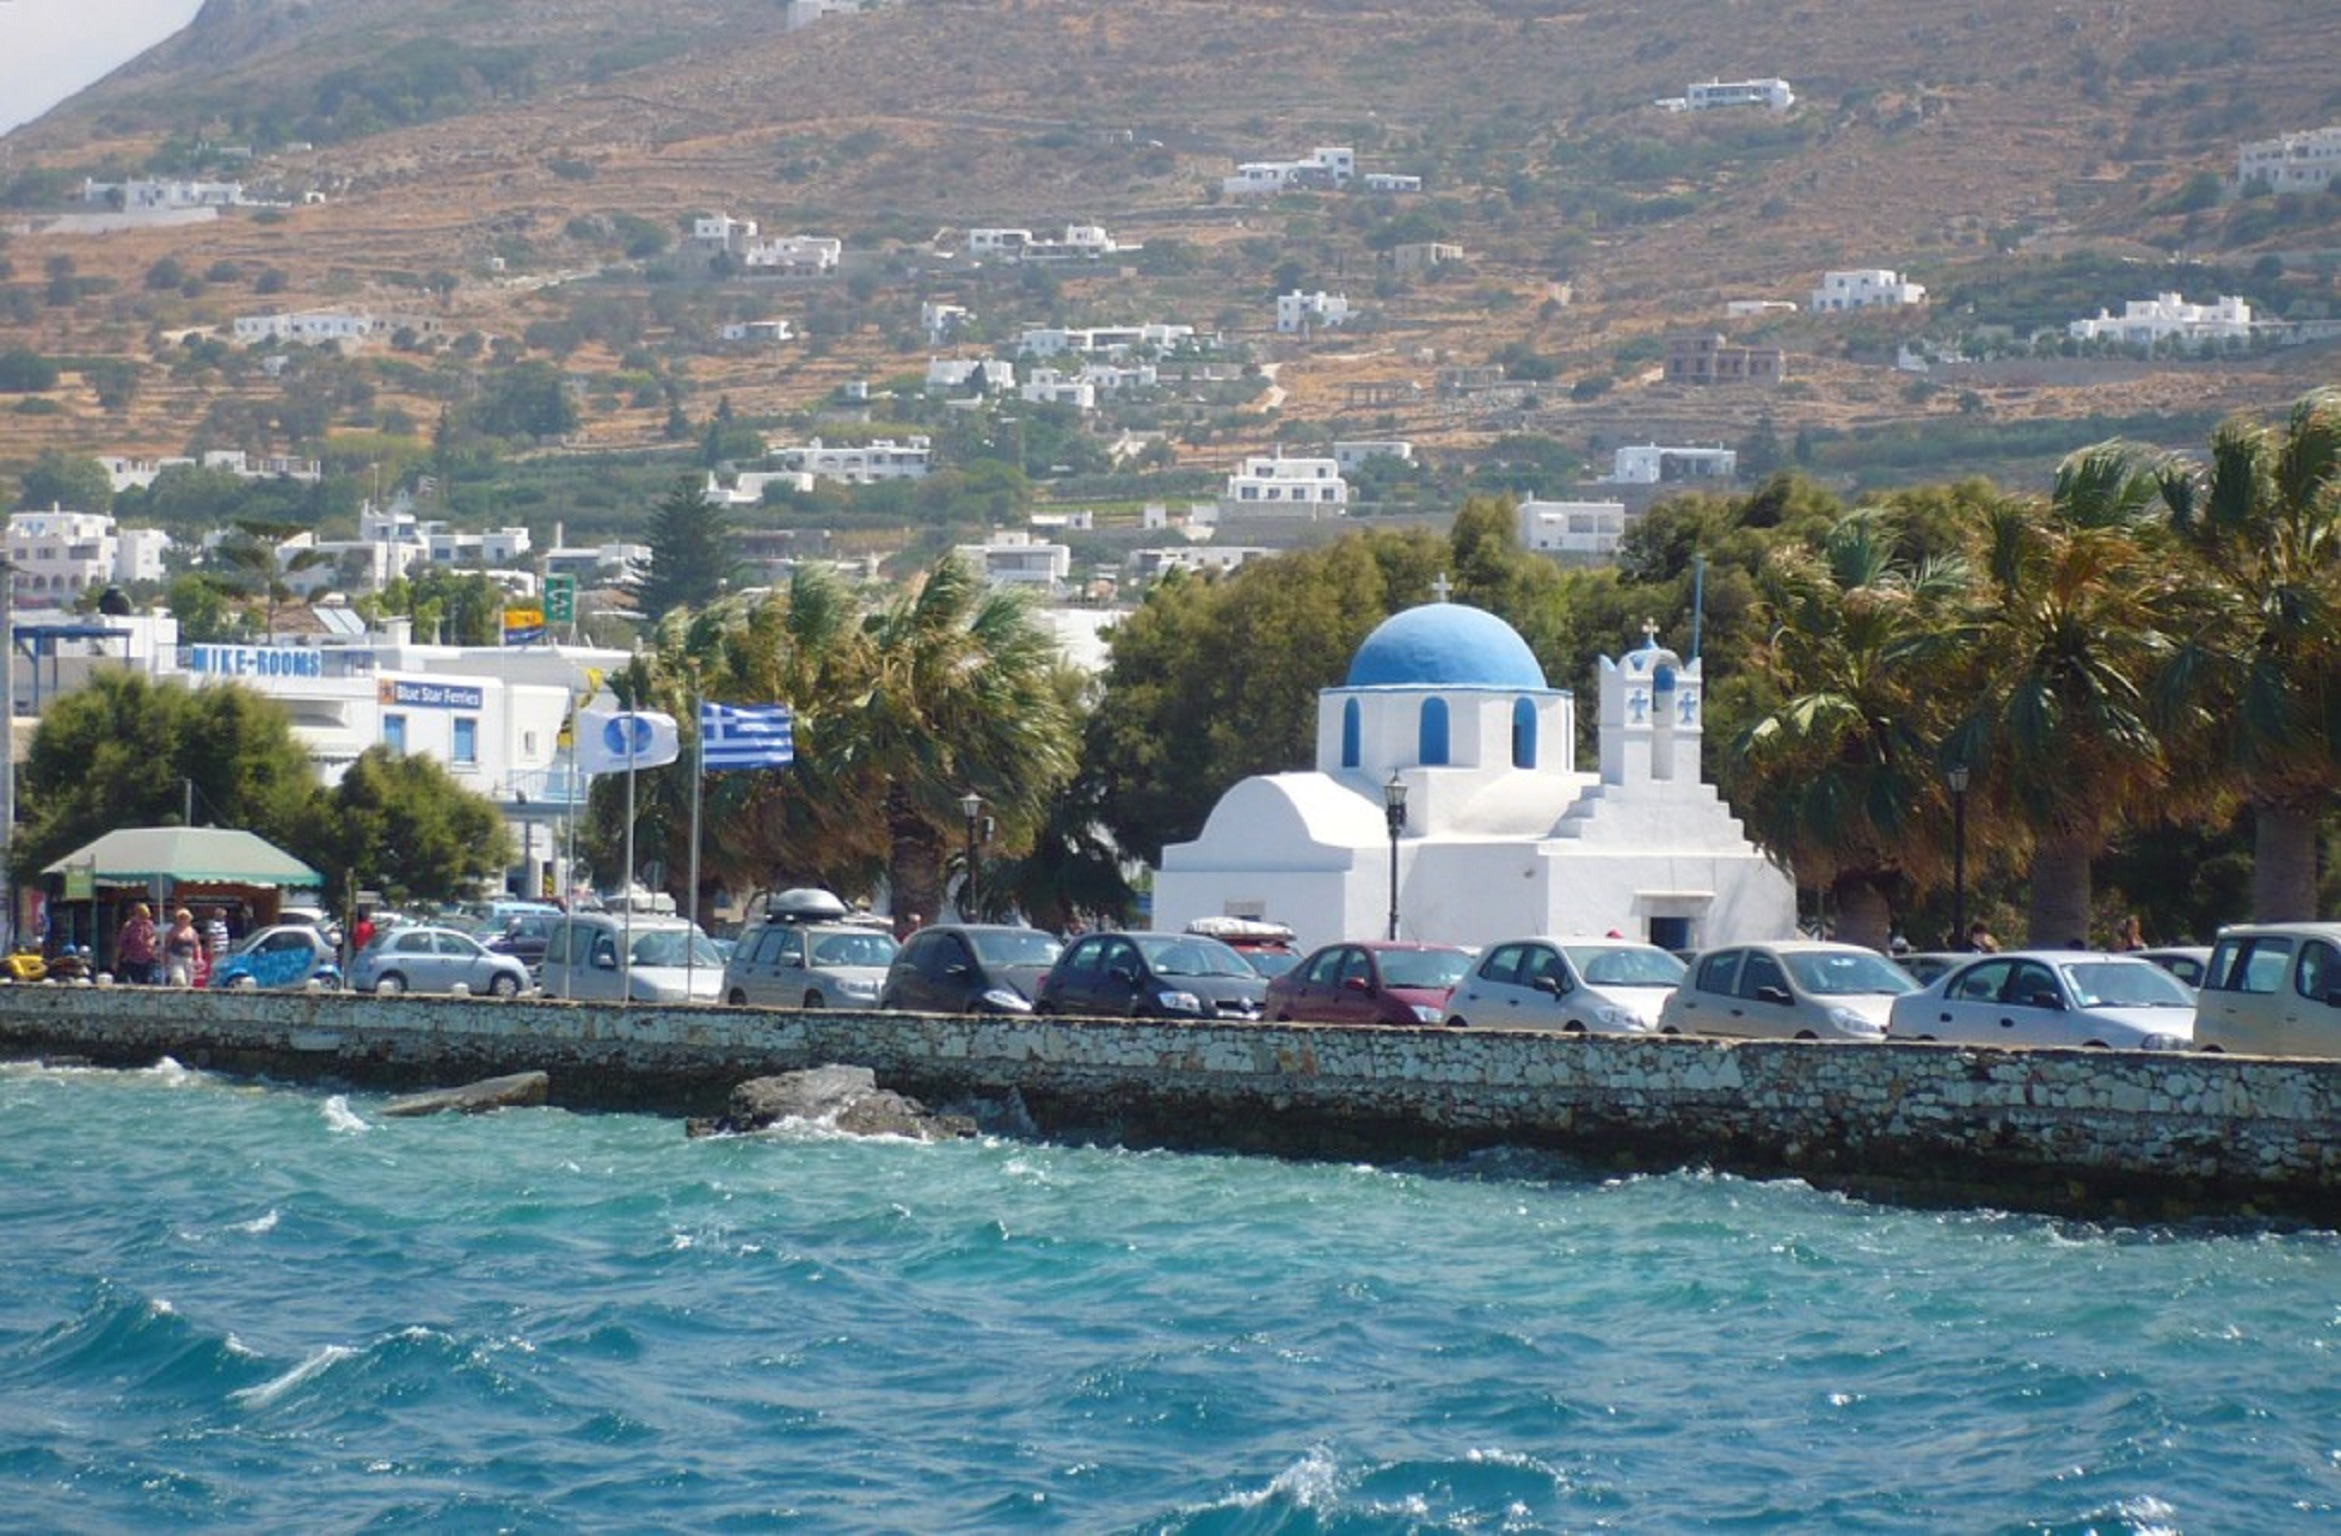 Ferienhaus Villa im Kykladen-Stil auf Paros (Griechenland), mit 2 Schlafzimmern, Gemeinschaftspool &  (2201782), Paros, Paros, Kykladen, Griechenland, Bild 23